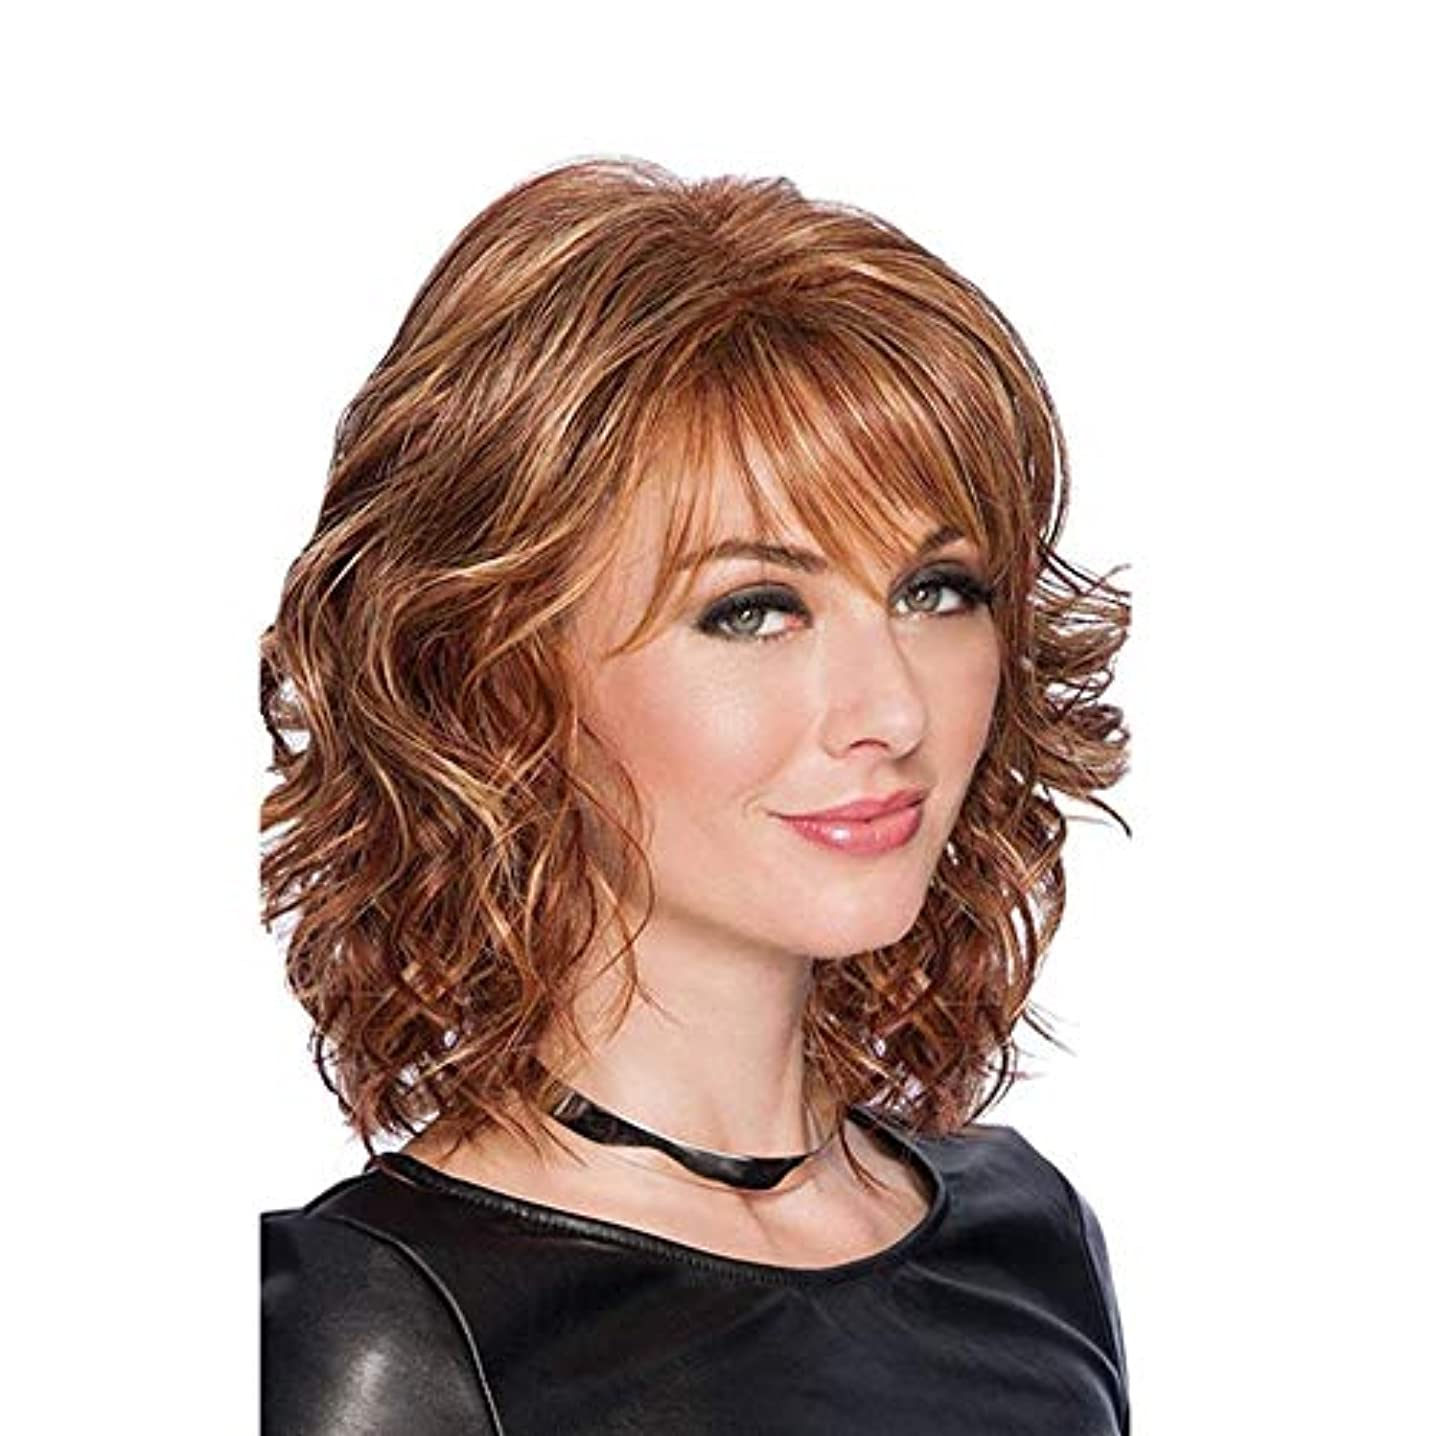 チャペル春トレーダーWASAIO 女性の髪のかつらブラウンショートカーリーヘアーフルウィッグ (色 : ブラウン)